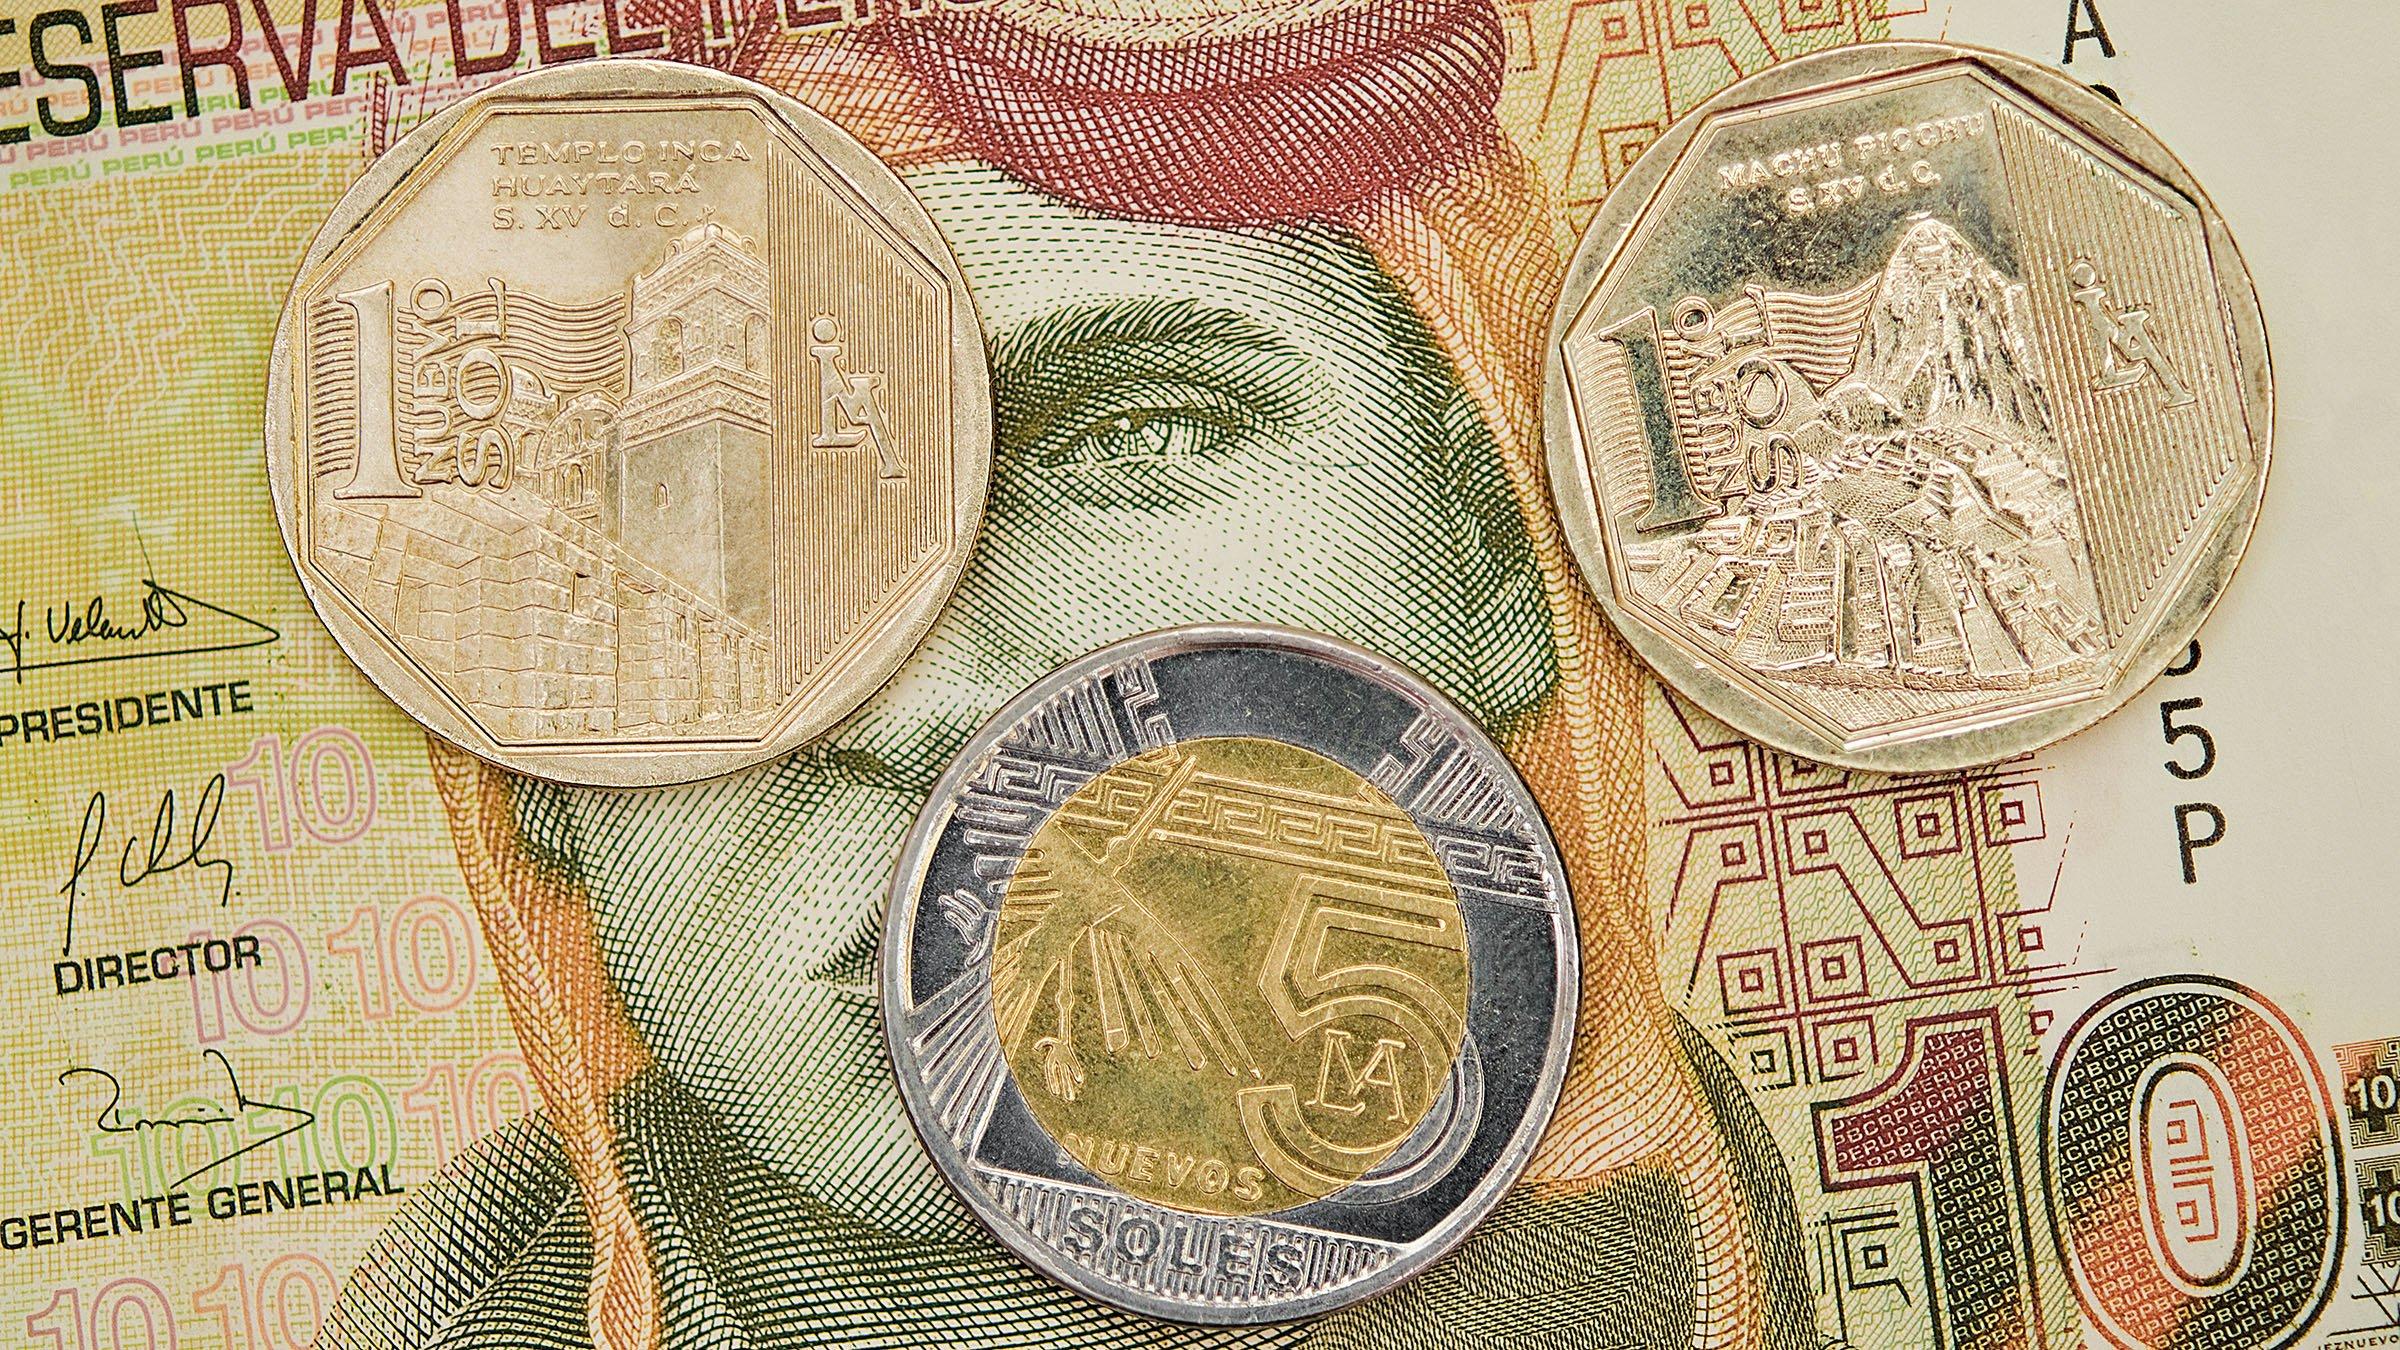 El nuevo sol: la moneda vigente en Perú hasta 2015